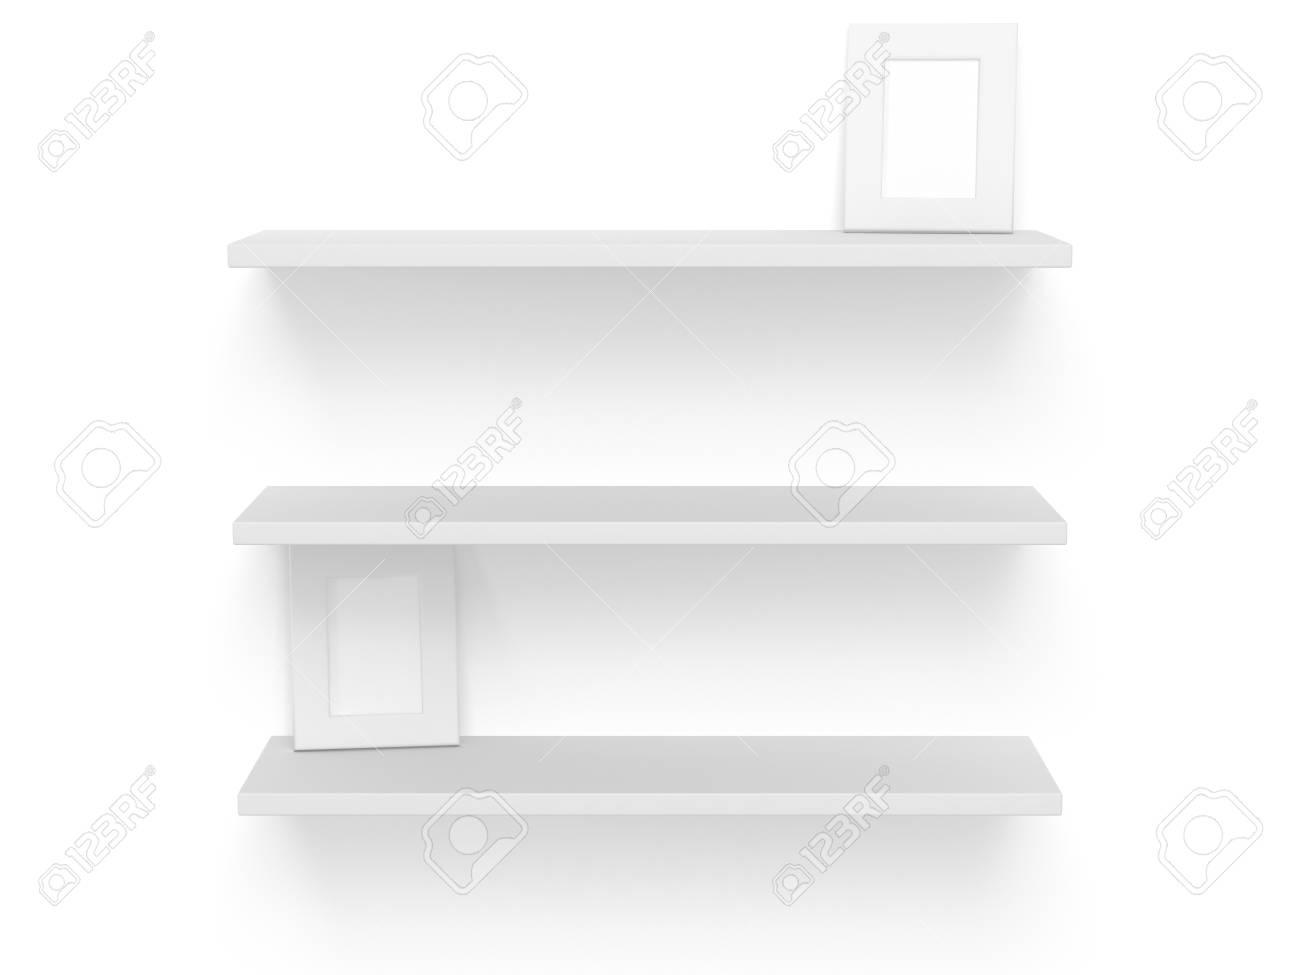 3D Drei Leeren Leere Regale Mit Fotorahmen Auf Weiß. Vorlage ...